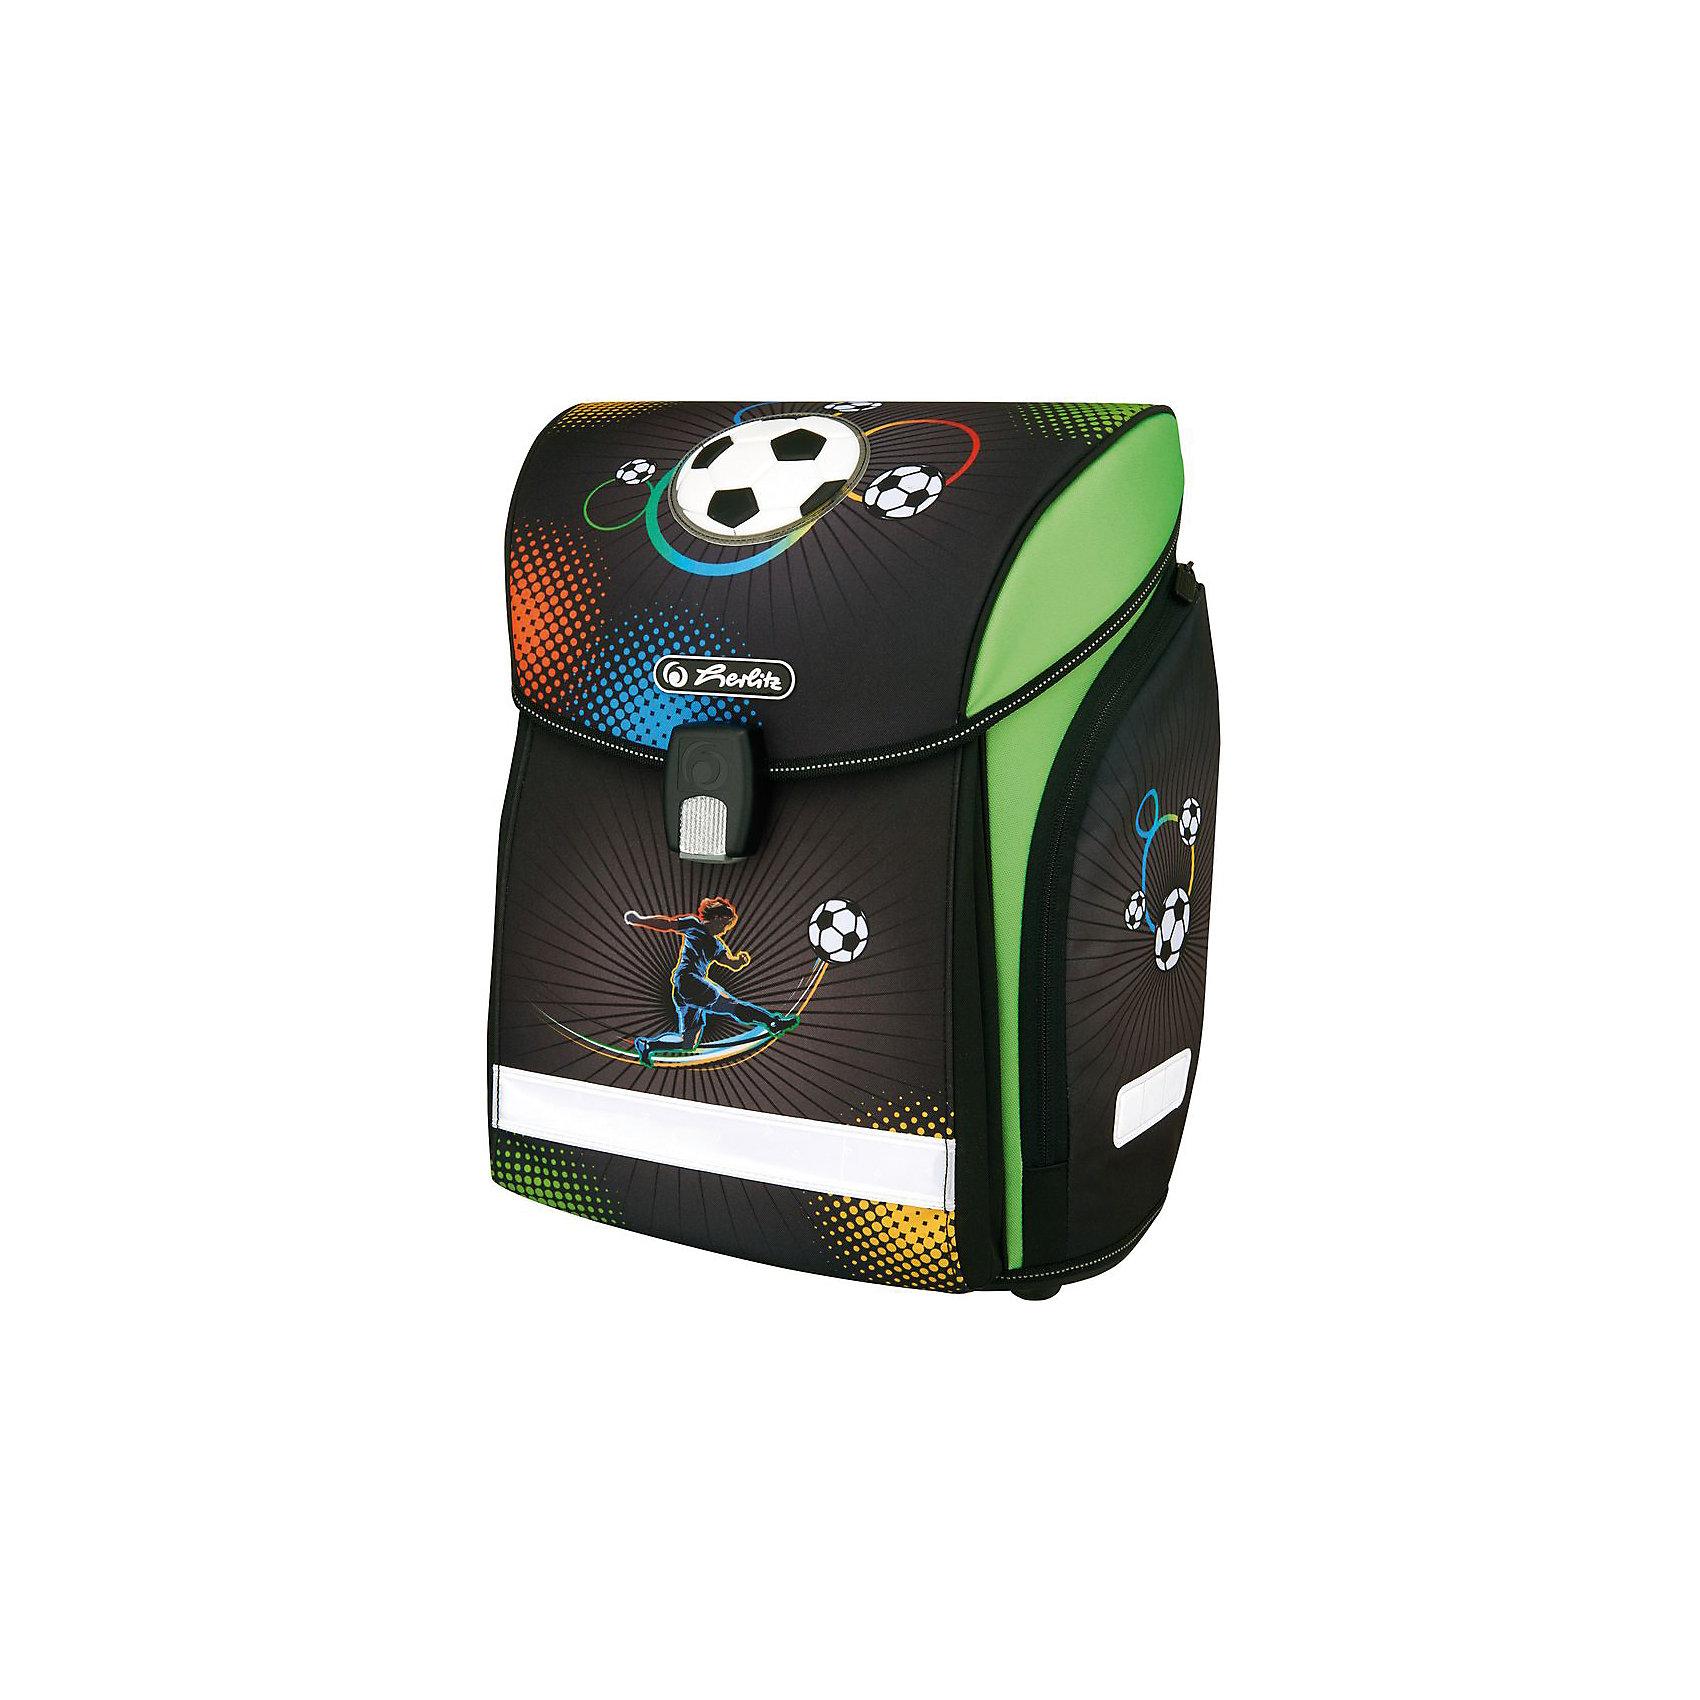 Ранец HerlitzMIDI NEW Soccer, без наполненияРанцы<br>Ранец NEW MIDI Soccer без наполнения<br>- полиэстер<br>размер 38х32х26см <br>- Новый магнитный замок Fidlock;<br>- 2 внутренних отделения с карманом для учебников,<br>- 1 внутренний карман на молнии,<br>- расписание уроков,<br>- дно из жесткого пластика,<br>- Удобный, интегрированный передний карман в корпус ранца.<br>- водоотталкивающая ткань,<br>- светоотражатели 3M на переднем кармане, боковых карманах и лямках, на крышке ранца светоотражающий кант<br>- 2 просторных боковых кармана на молнии,<br>- эргономичная спинка и уплотненные регулируемые лямки из вентилируемого материала, <br>вес 850  гр                                                                                                 вмещает А4                                                                                                  лямки настраиваются  под  рост  ребенка<br><br>Ширина мм: 370<br>Глубина мм: 380<br>Высота мм: 220<br>Вес г: 1100<br>Возраст от месяцев: 72<br>Возраст до месяцев: 120<br>Пол: Мужской<br>Возраст: Детский<br>SKU: 5595068